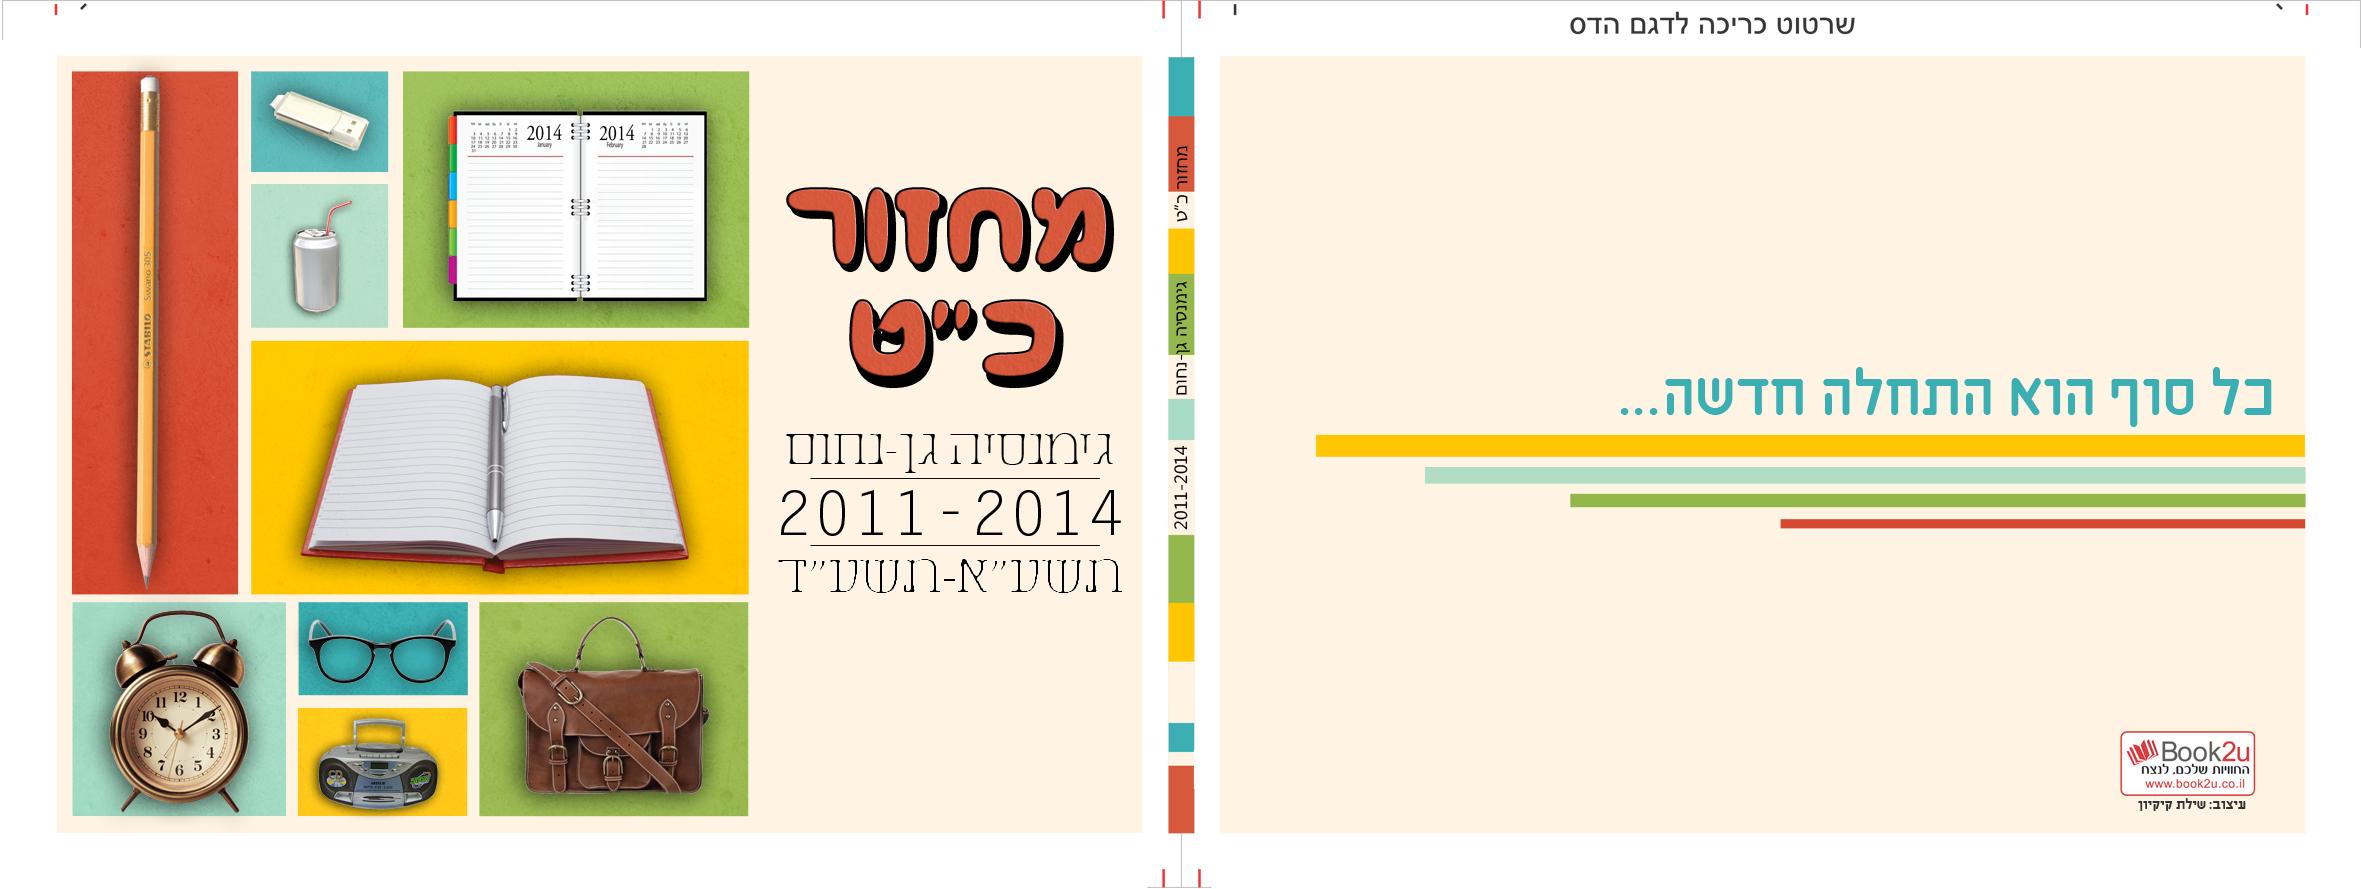 עיצוב גרפי ספר מחזור כריכה פרינט